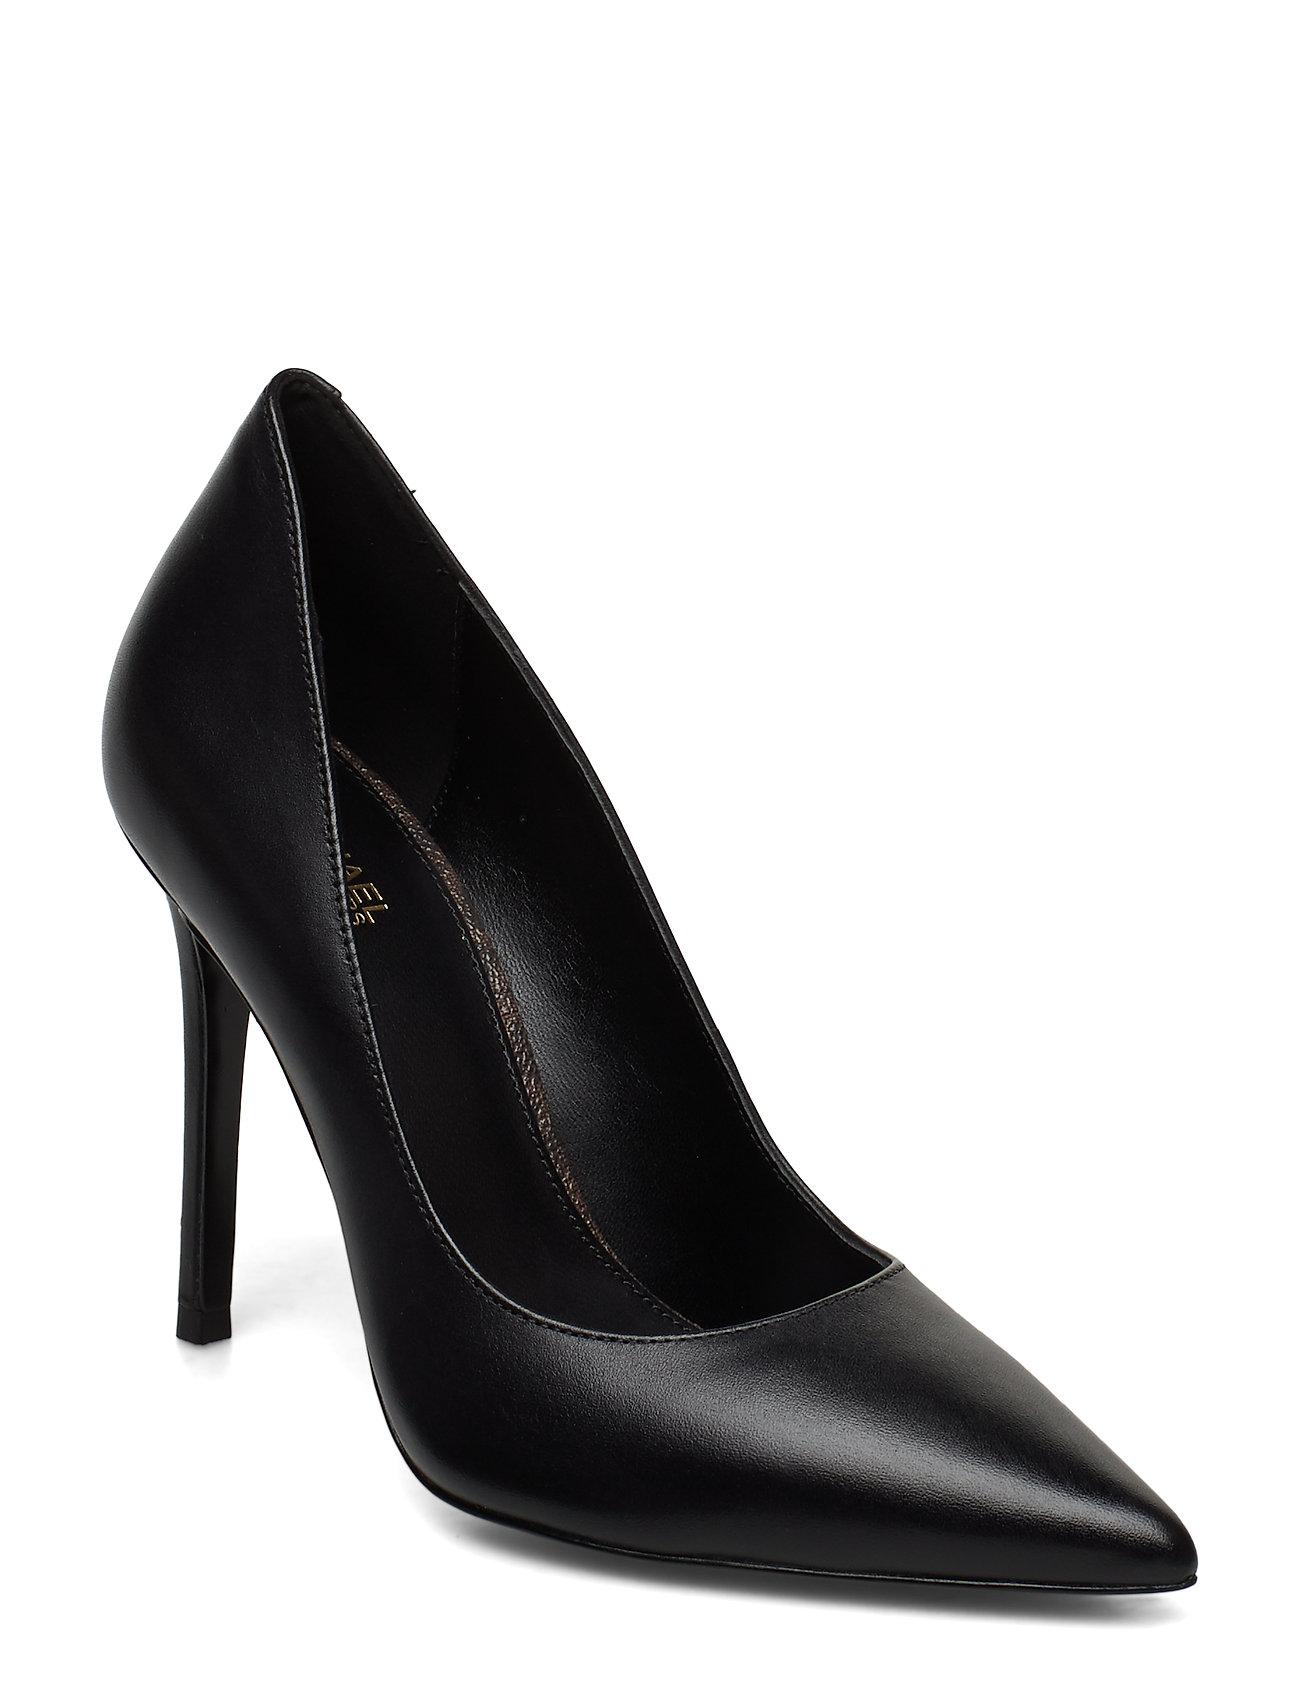 Michael Kors Shoes KEKE PUMP - BLACK